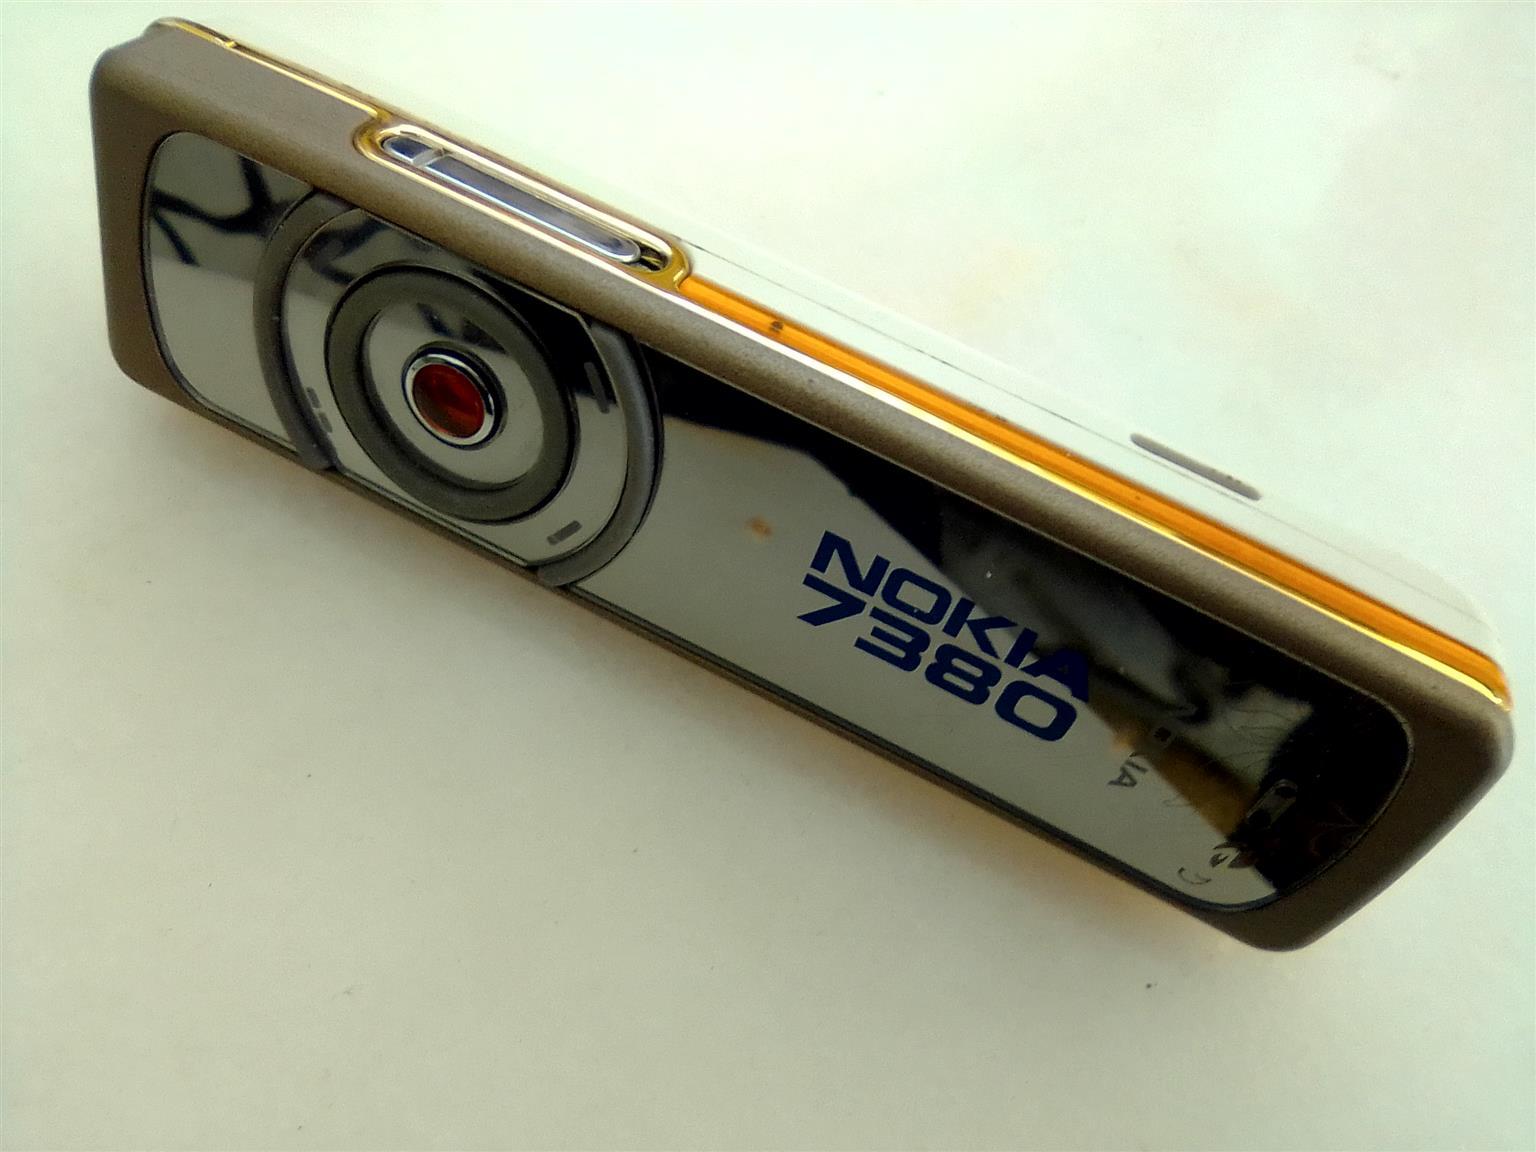 Nokia 7380 Gold